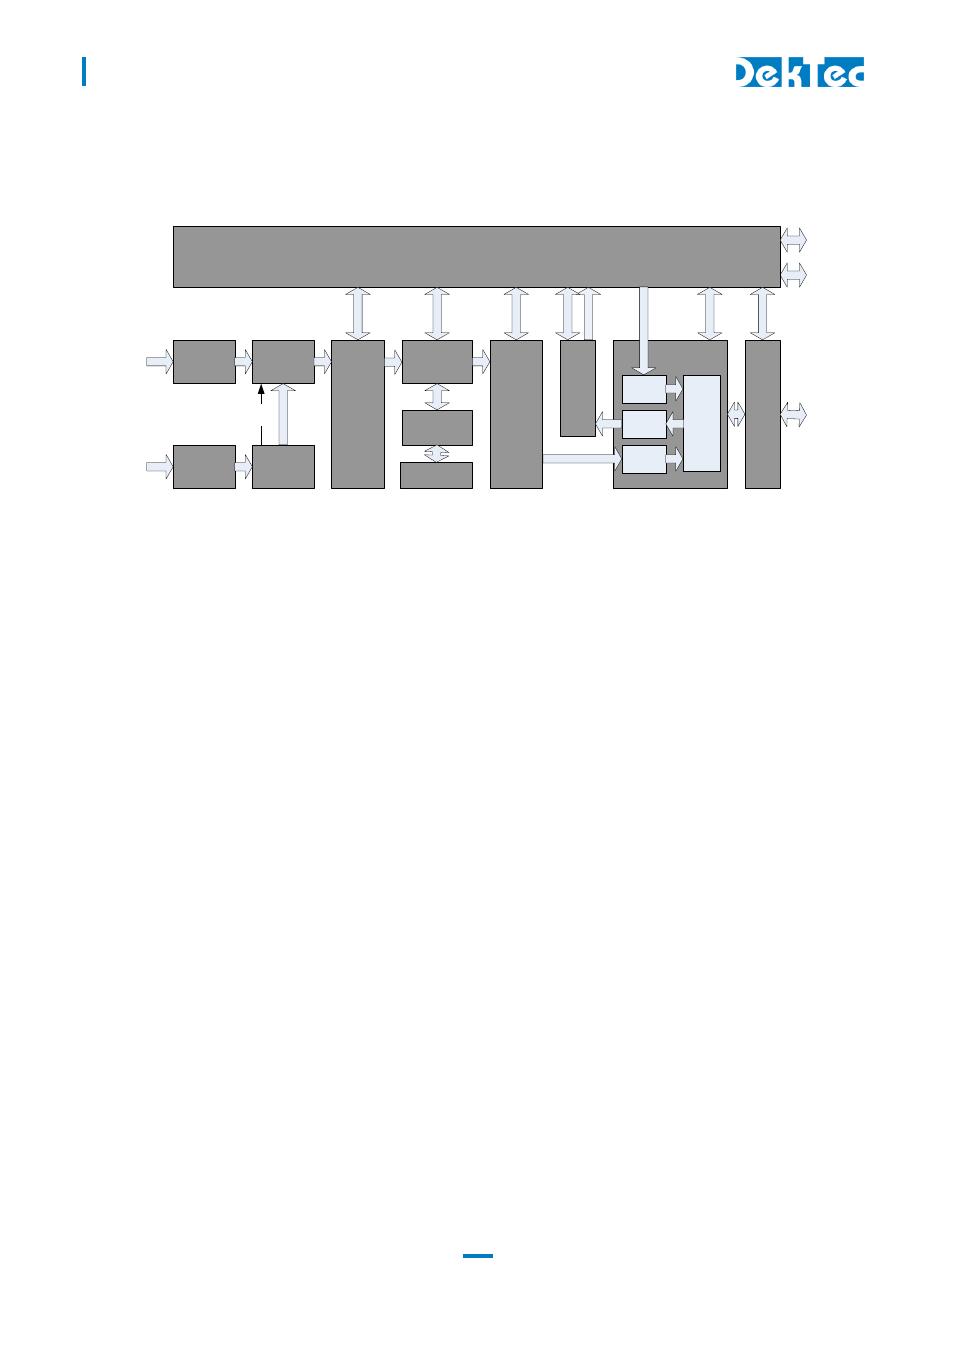 7 list of abbreviations dektec dtm 3200 ip asi converter user rh manualsdir com